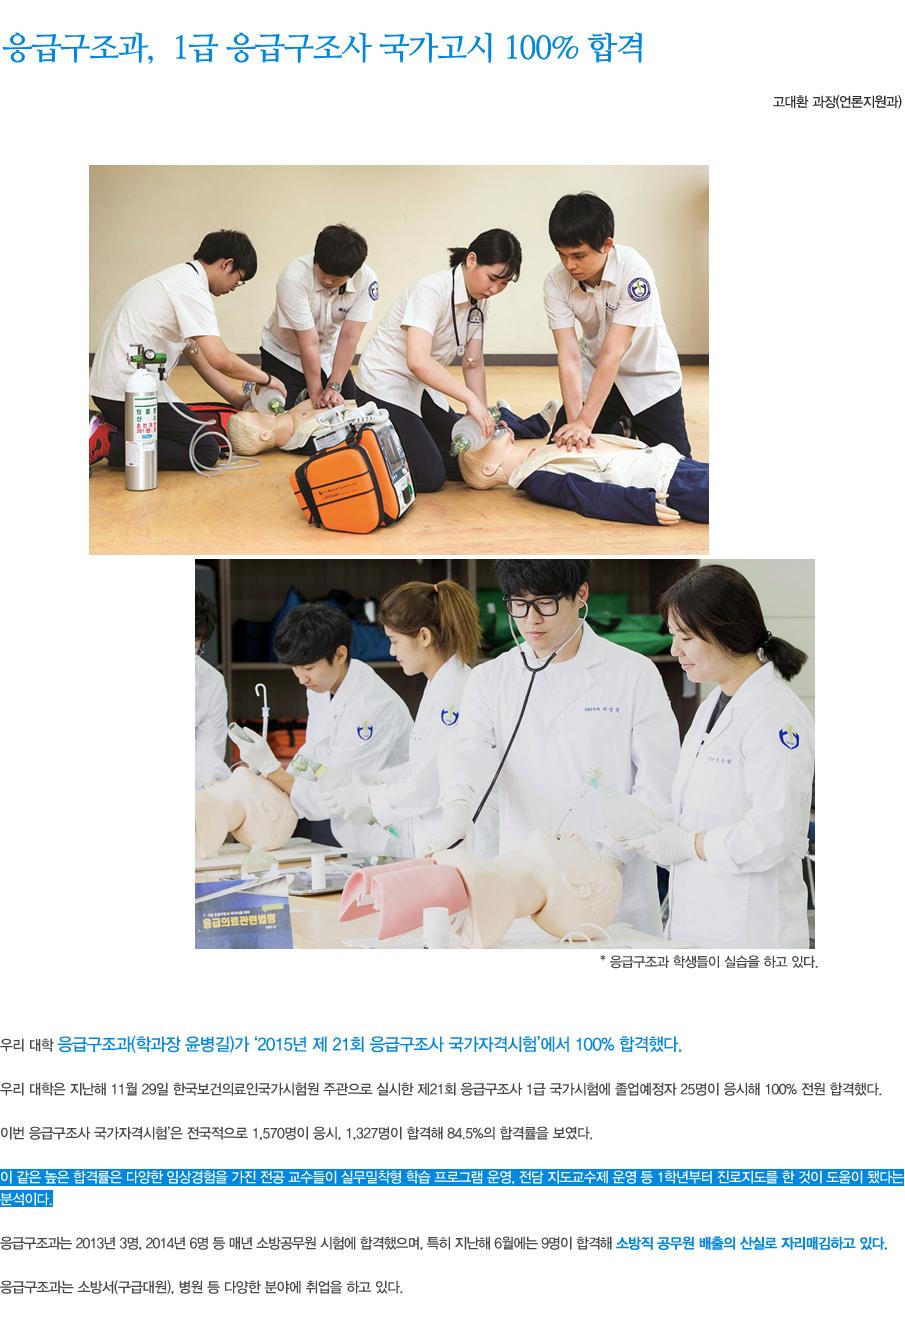 충북보건과학대학교 웹진